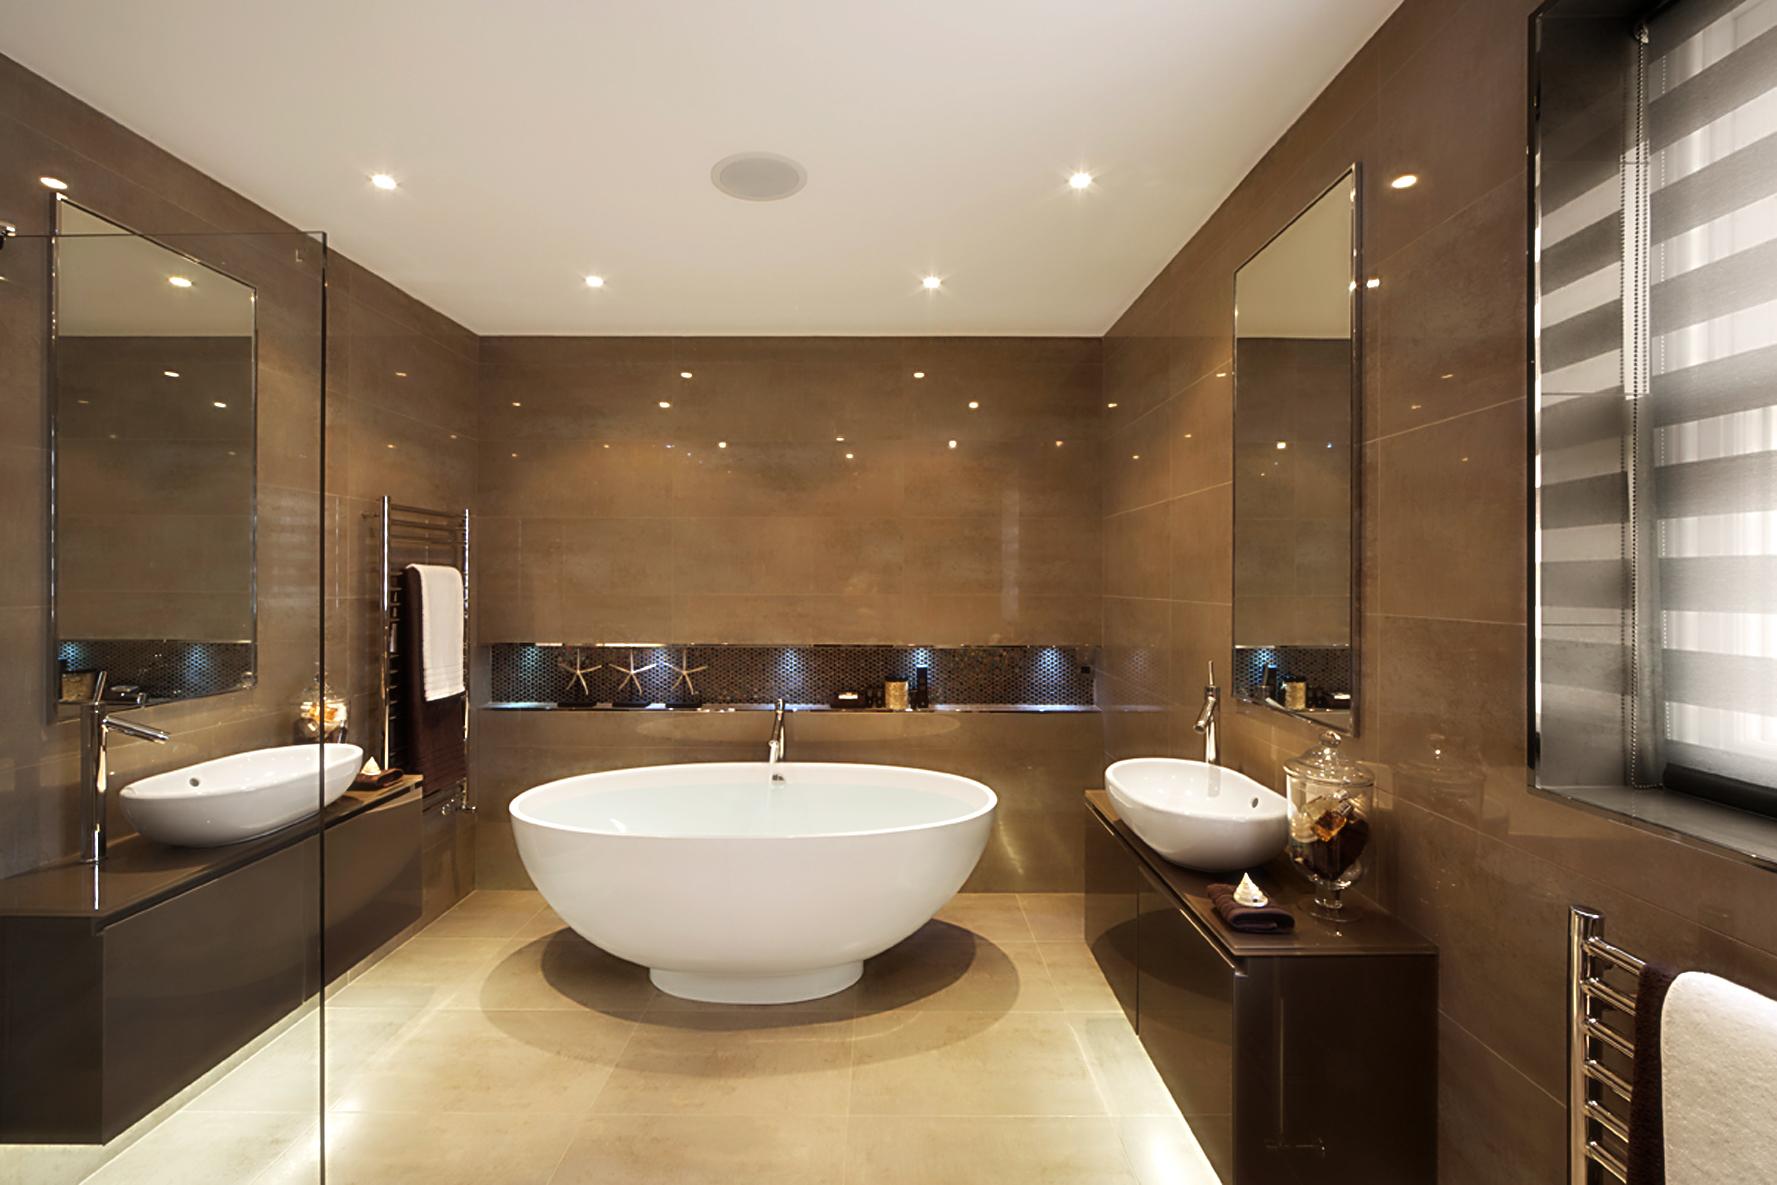 Большая бежево-коричневая ванная комната